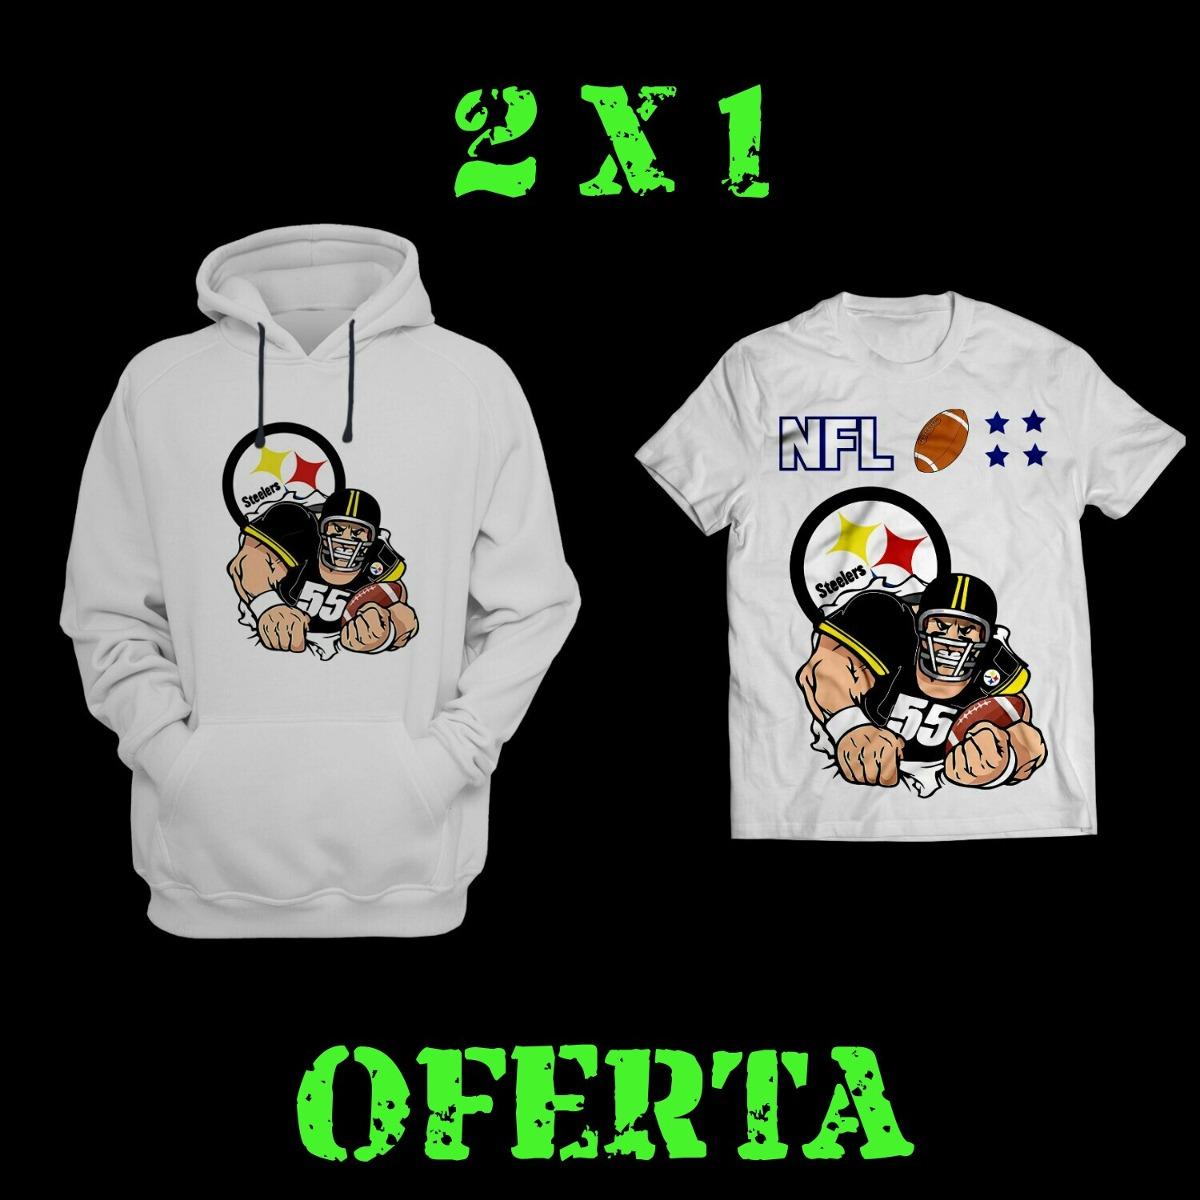 0a9fcee30f08c 2x1 Playera Y Sudadera Fútbol Americano Nfl -   350.00 en Mercado Libre